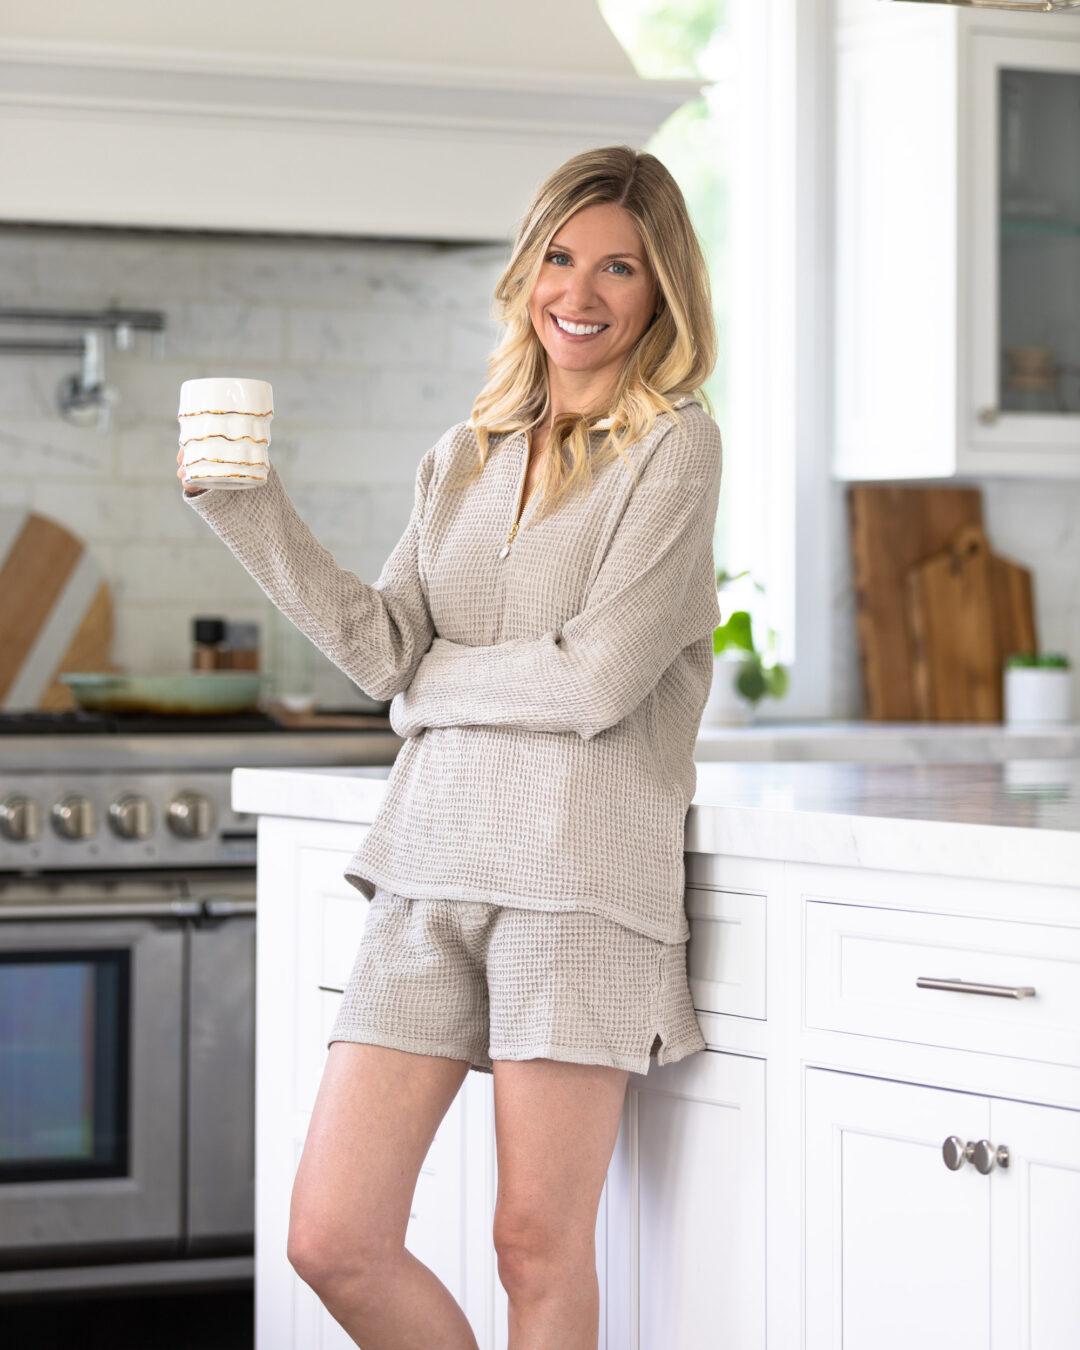 largo-drive-comfy-waffle-set-shorts-the-glamorous-gal